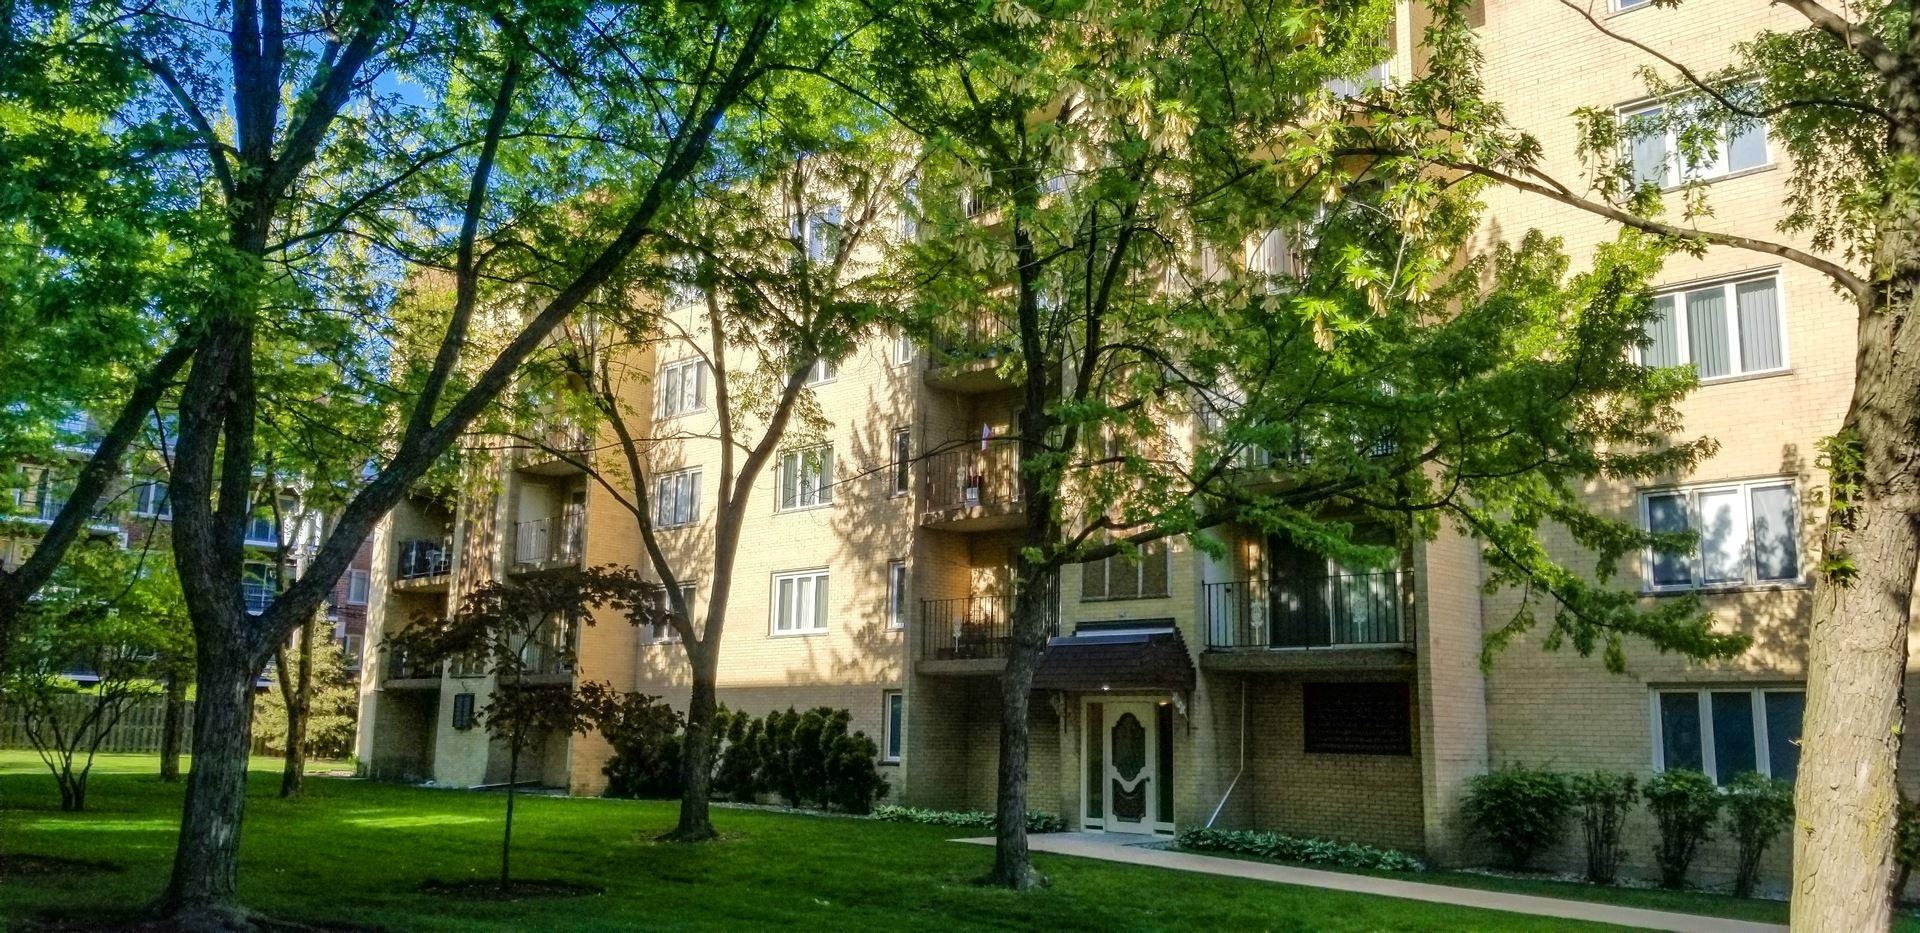 6400 W BELLE PLAINE Avenue #504, Chicago, IL 60634 - #: 11081665